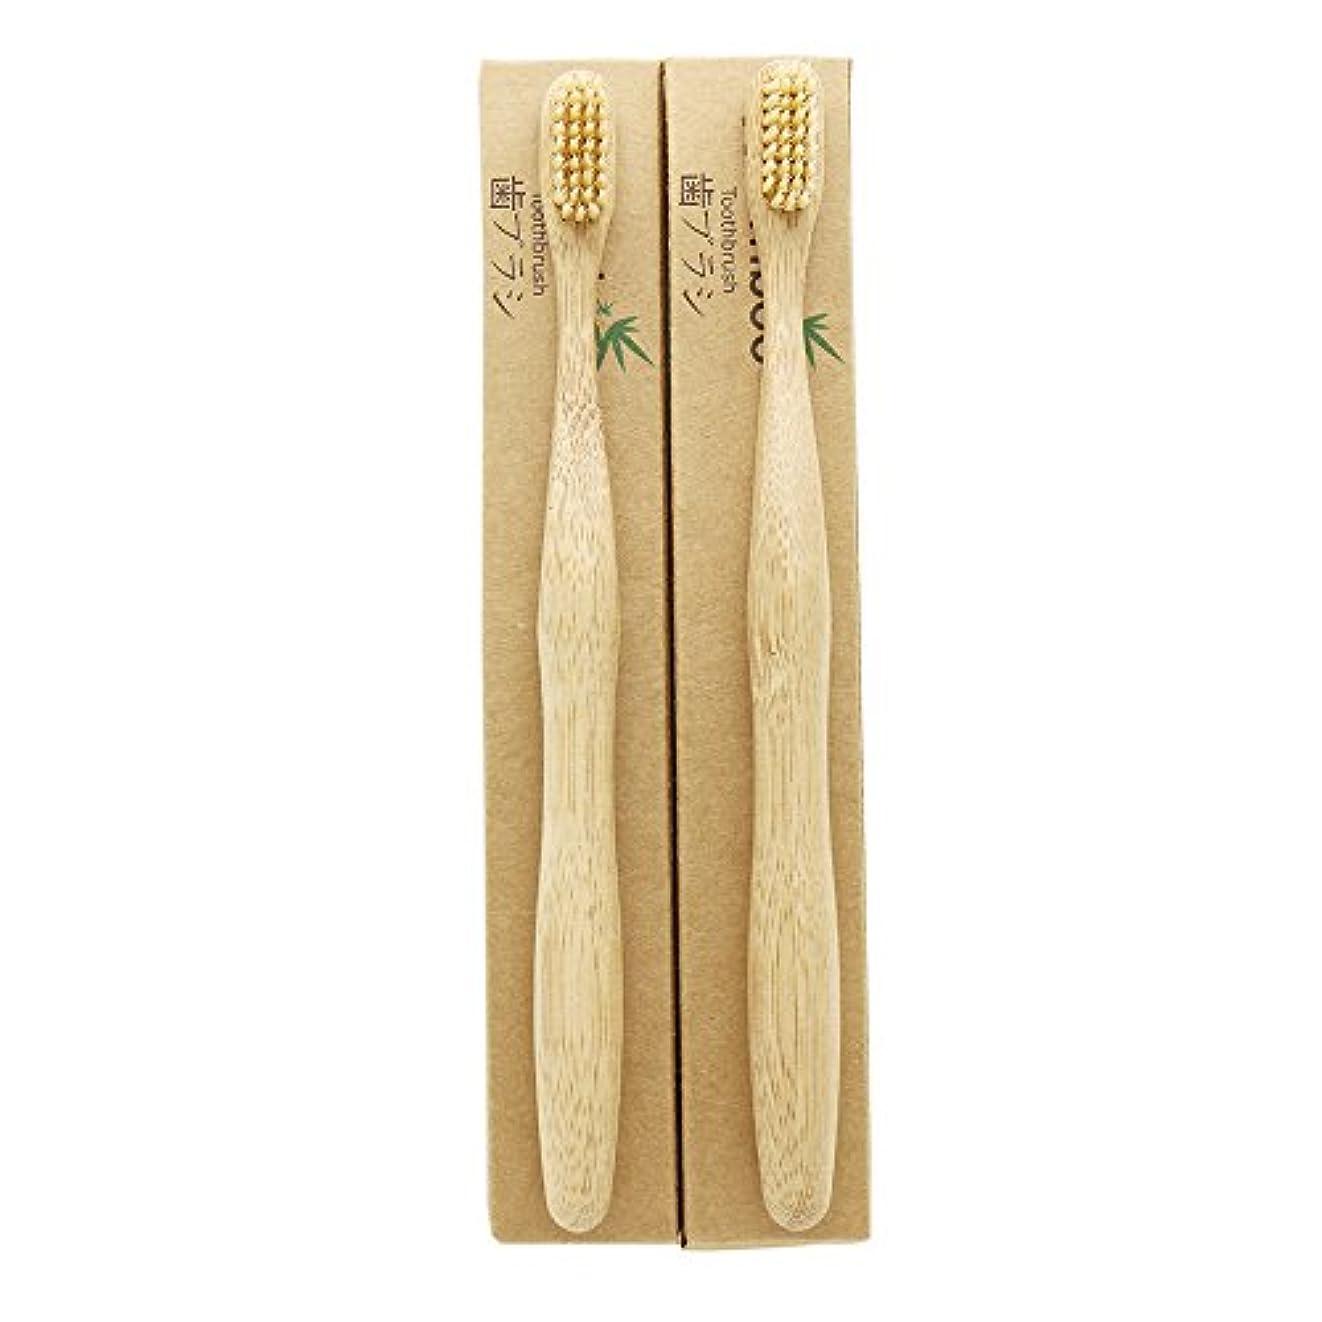 シガレット含める愛されし者N-amboo 竹製耐久度高い 歯ブラシ ハンドル大きい 2本入りセット ベージュ